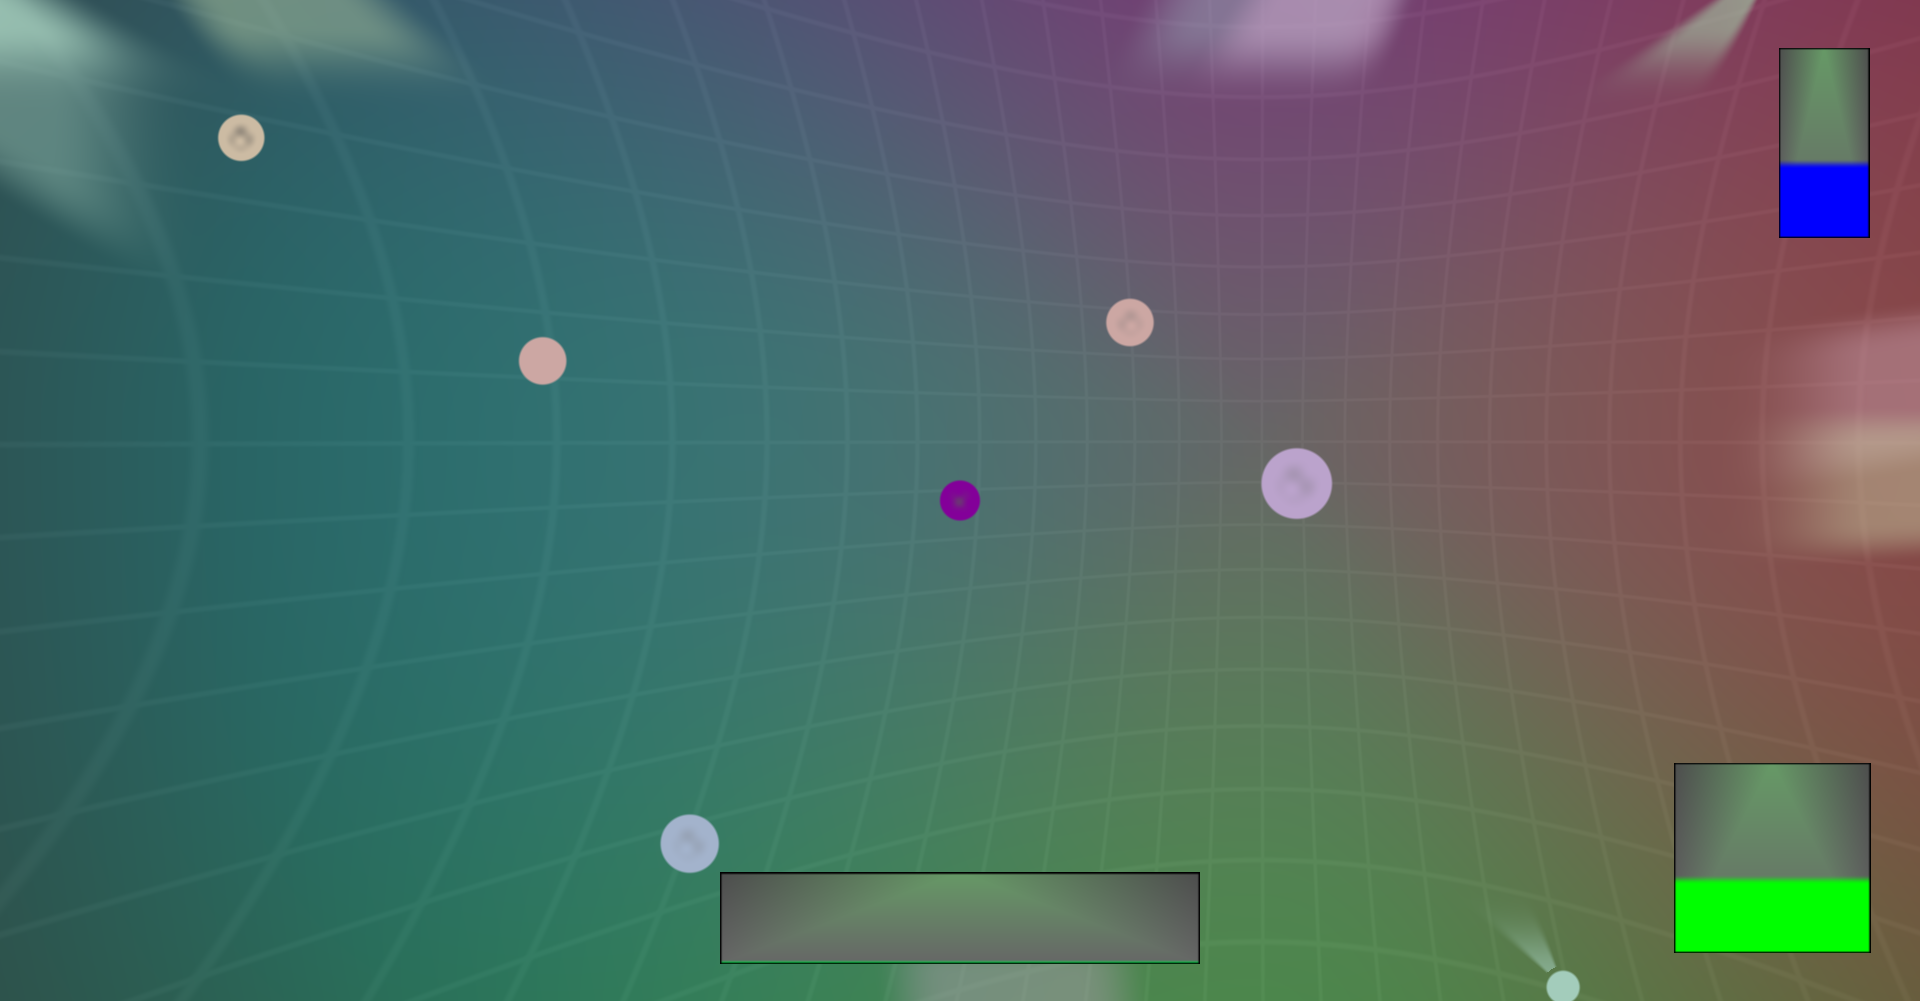 game screenshot: spheres!